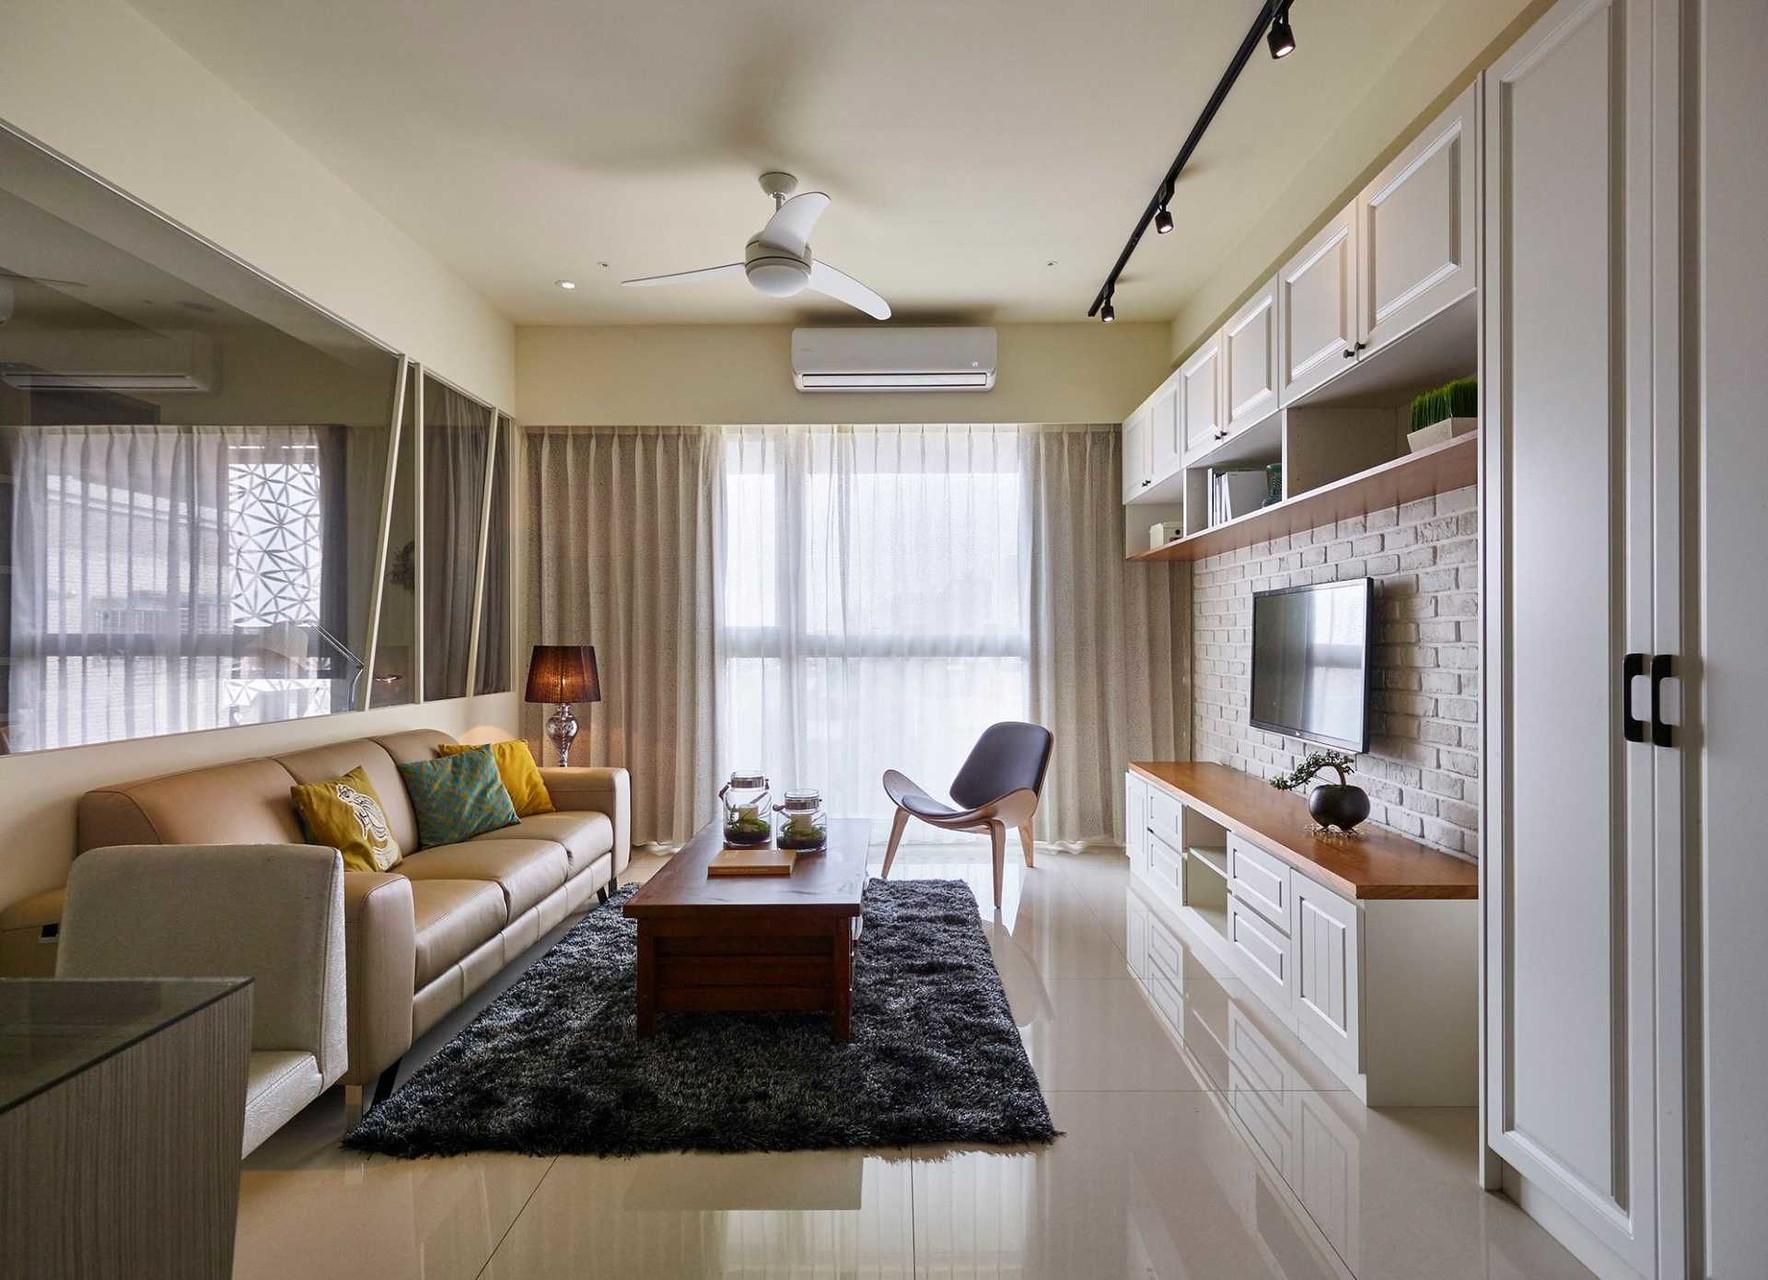 日光美式宅 砌出27坪的馨暖愜意